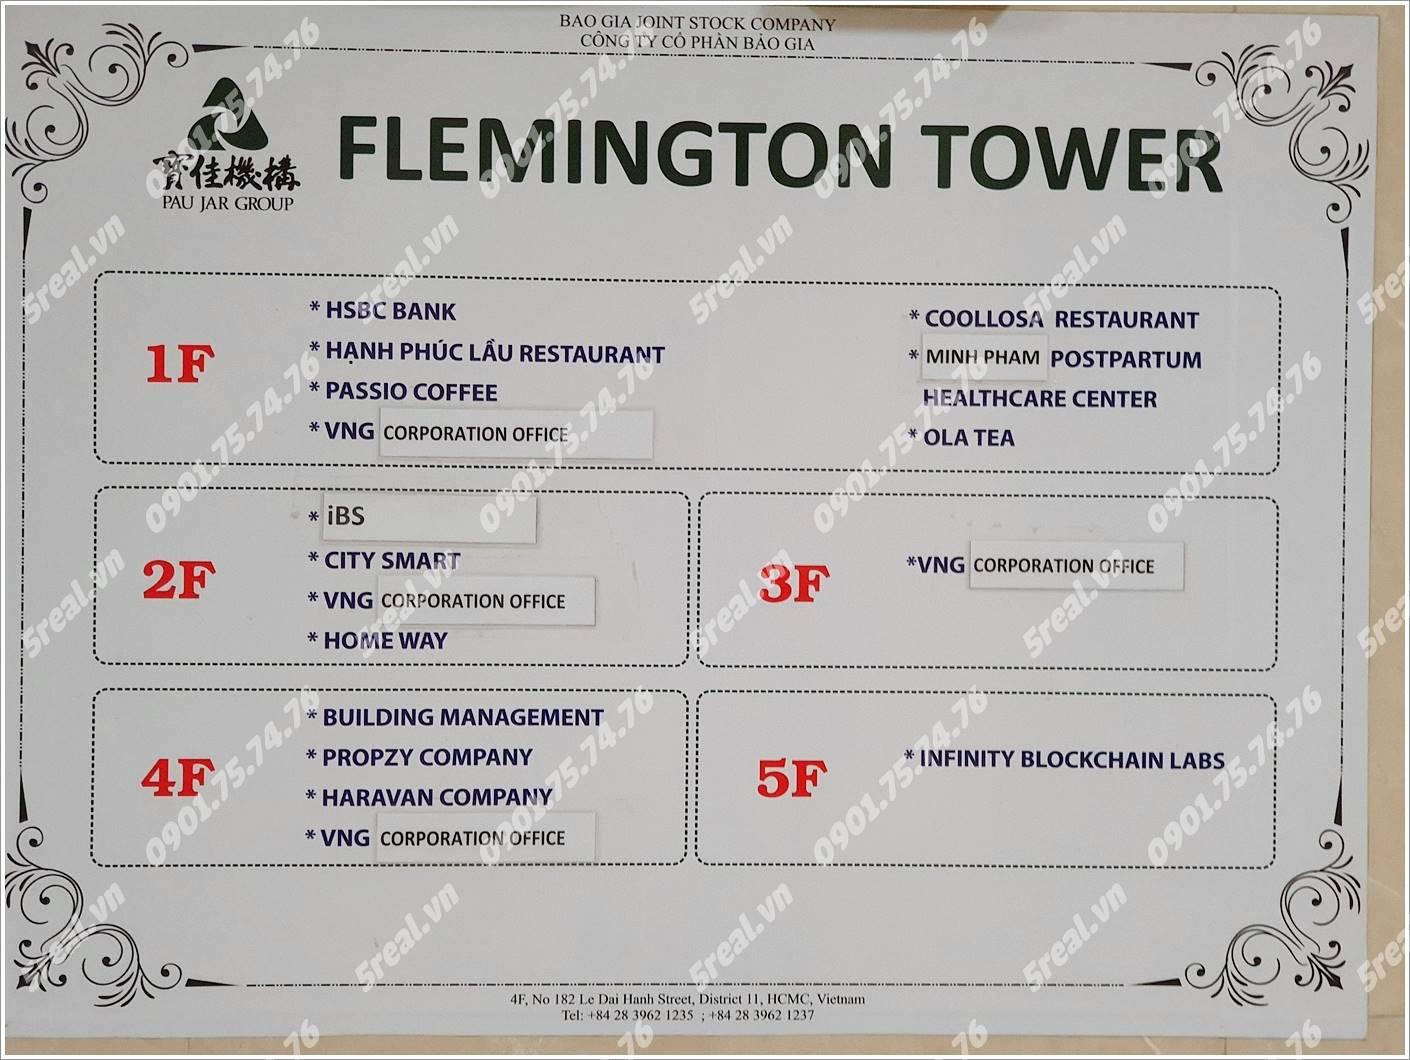 the-flemington-tower-le-dai-hanh-quan-11-van-phong-cho-thue-5real.vn-019